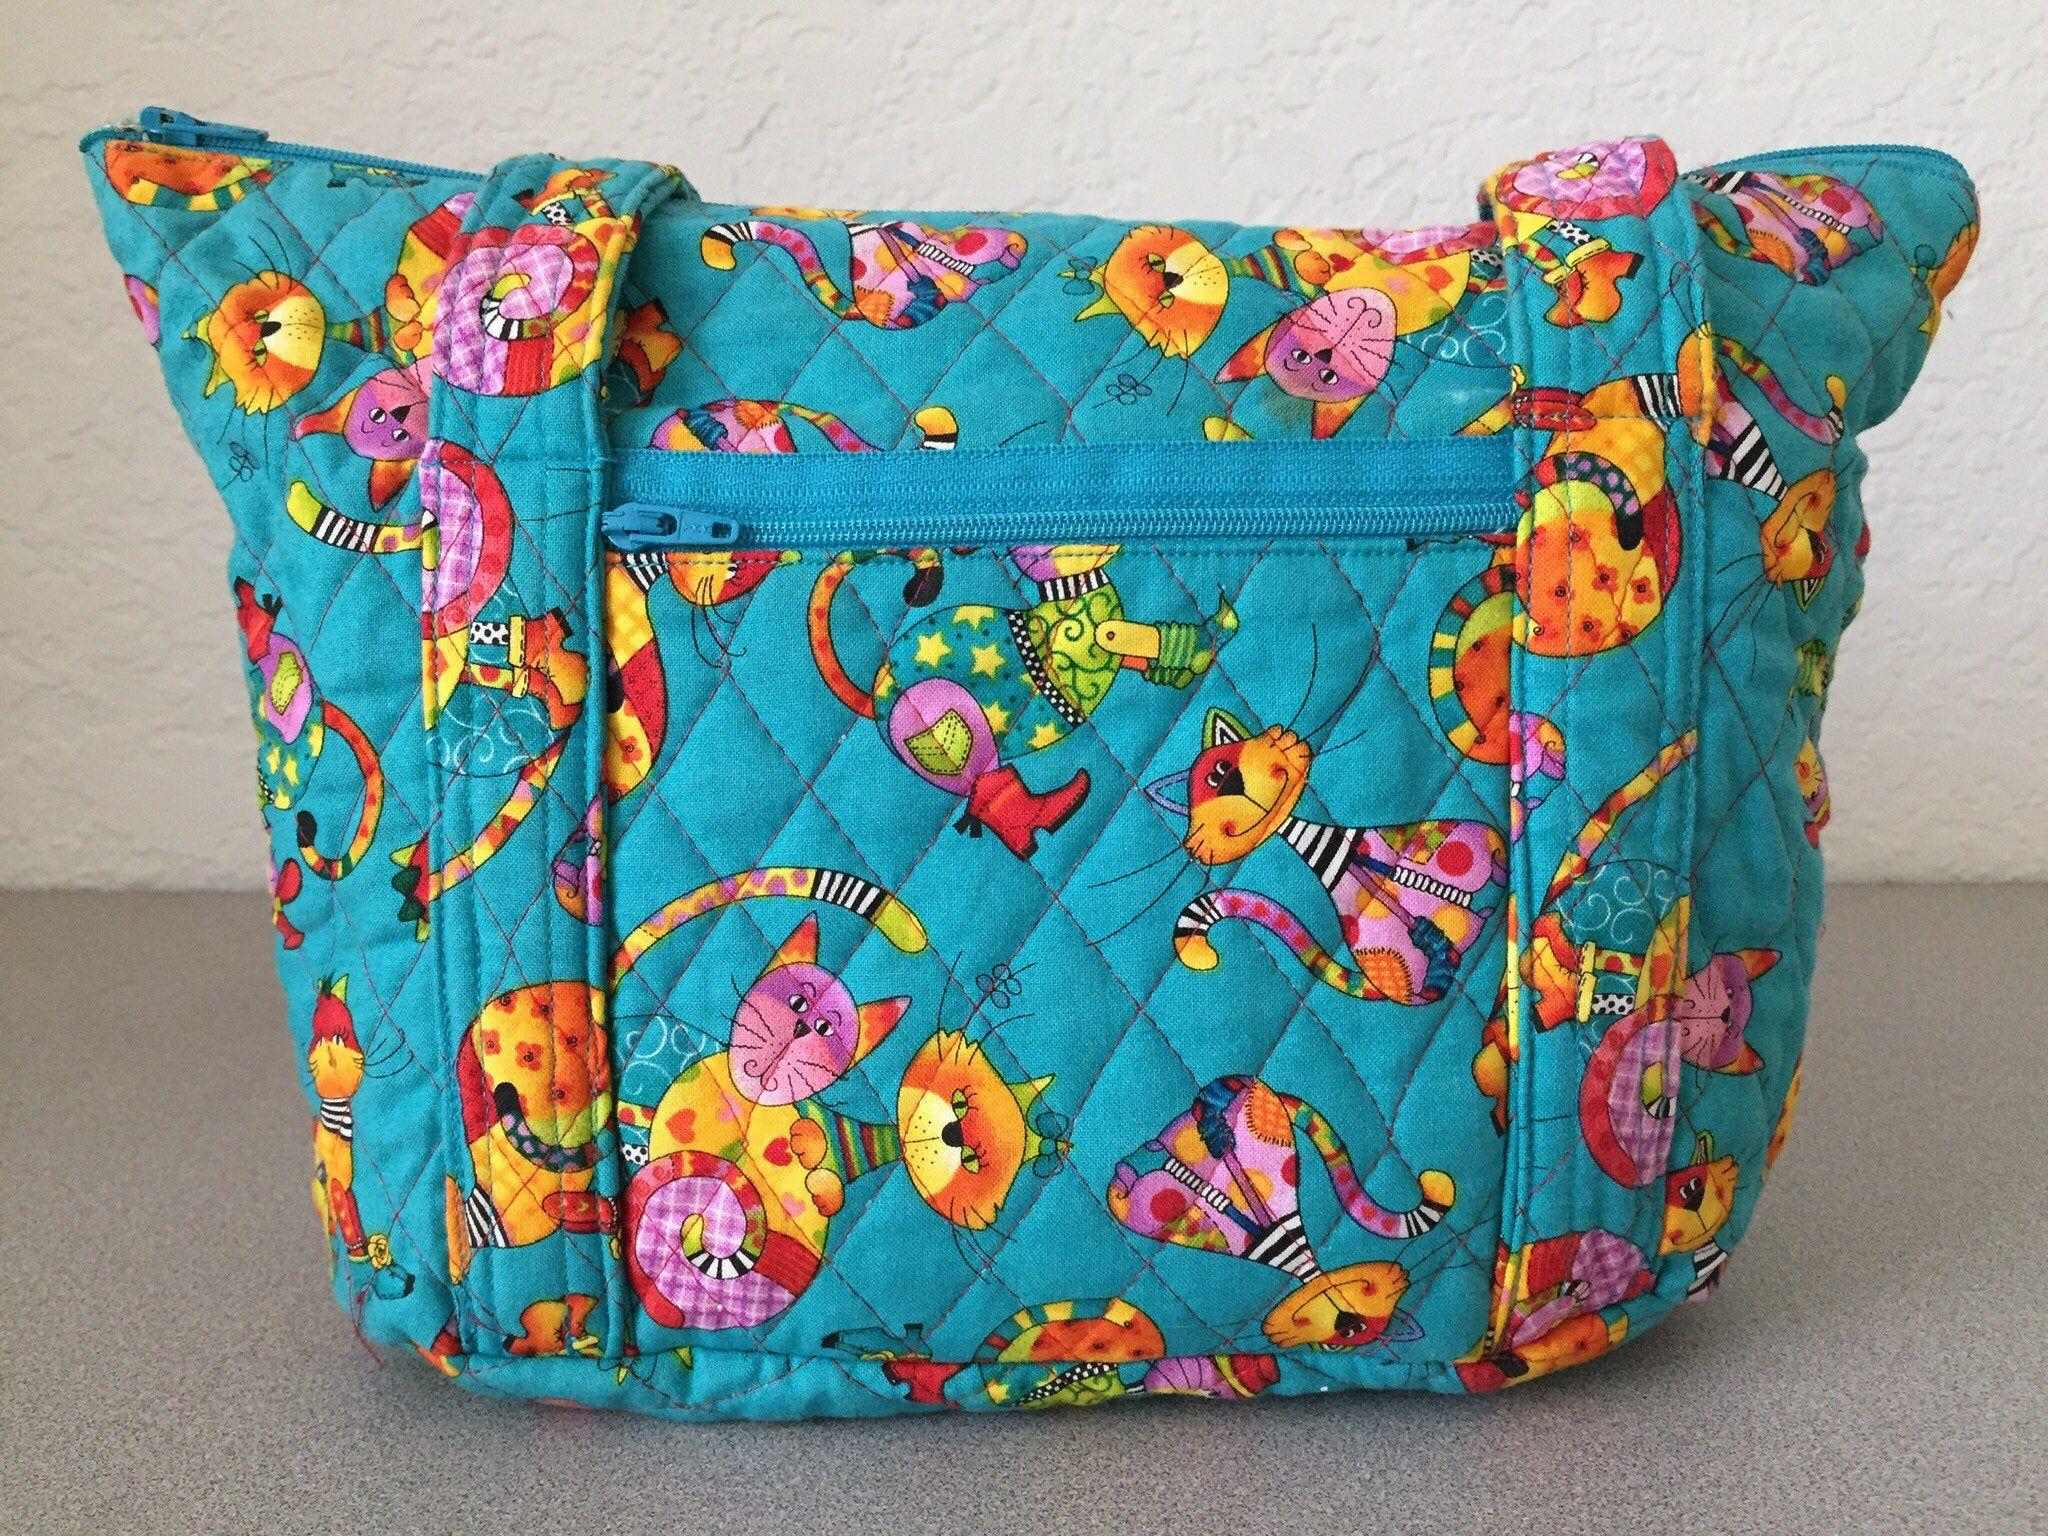 Cinch Backpack Carry All Bag Rainbow Weekender Tote Bag Diaper Bag Messenger Bag Beach Bag Weekender Bag Purse Ocean Bag Travel Bag